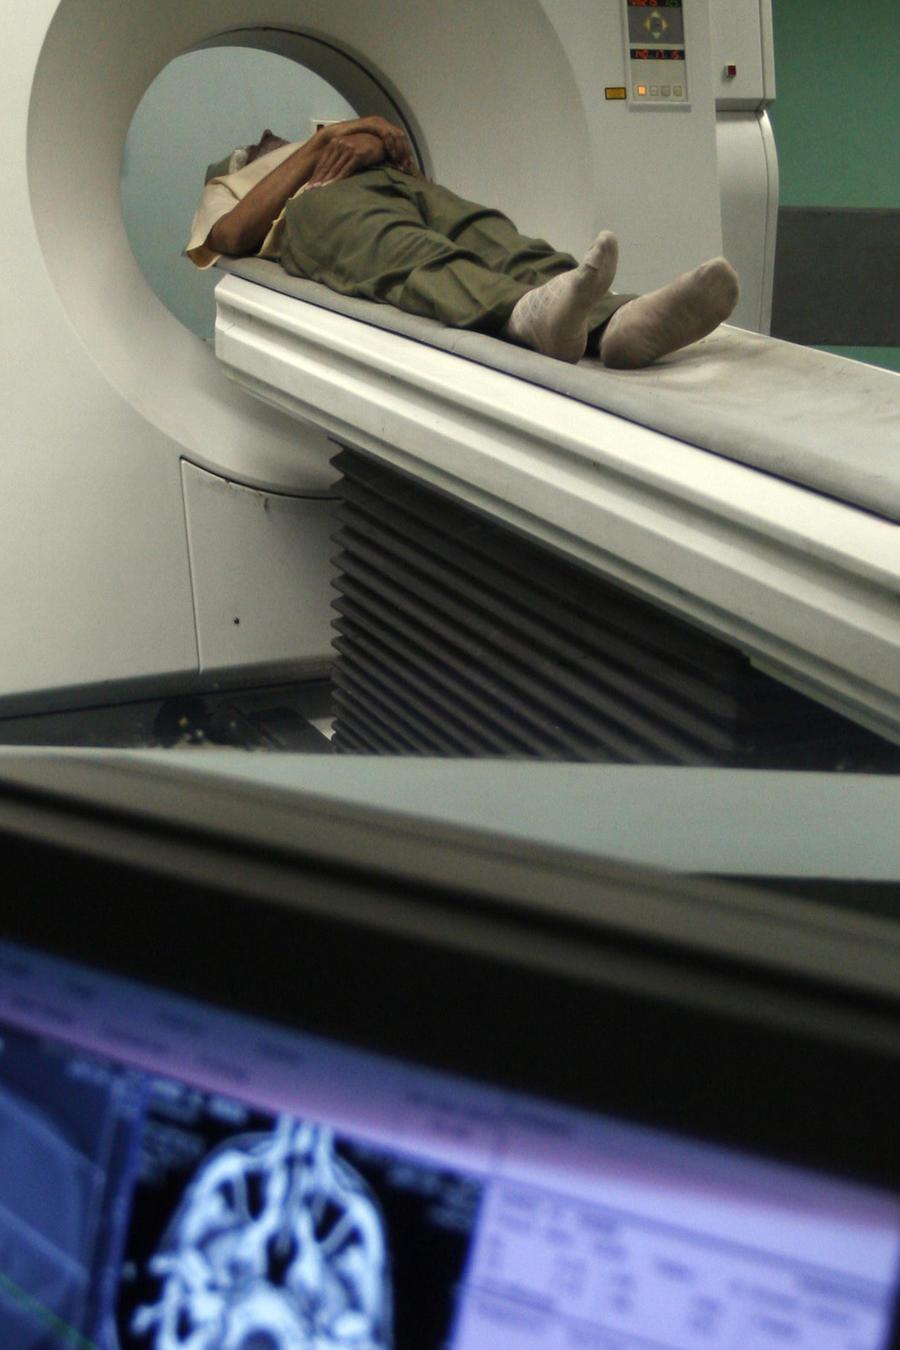 Un hombre se somete a una tomografía computerizada, en una imagen de archivo.